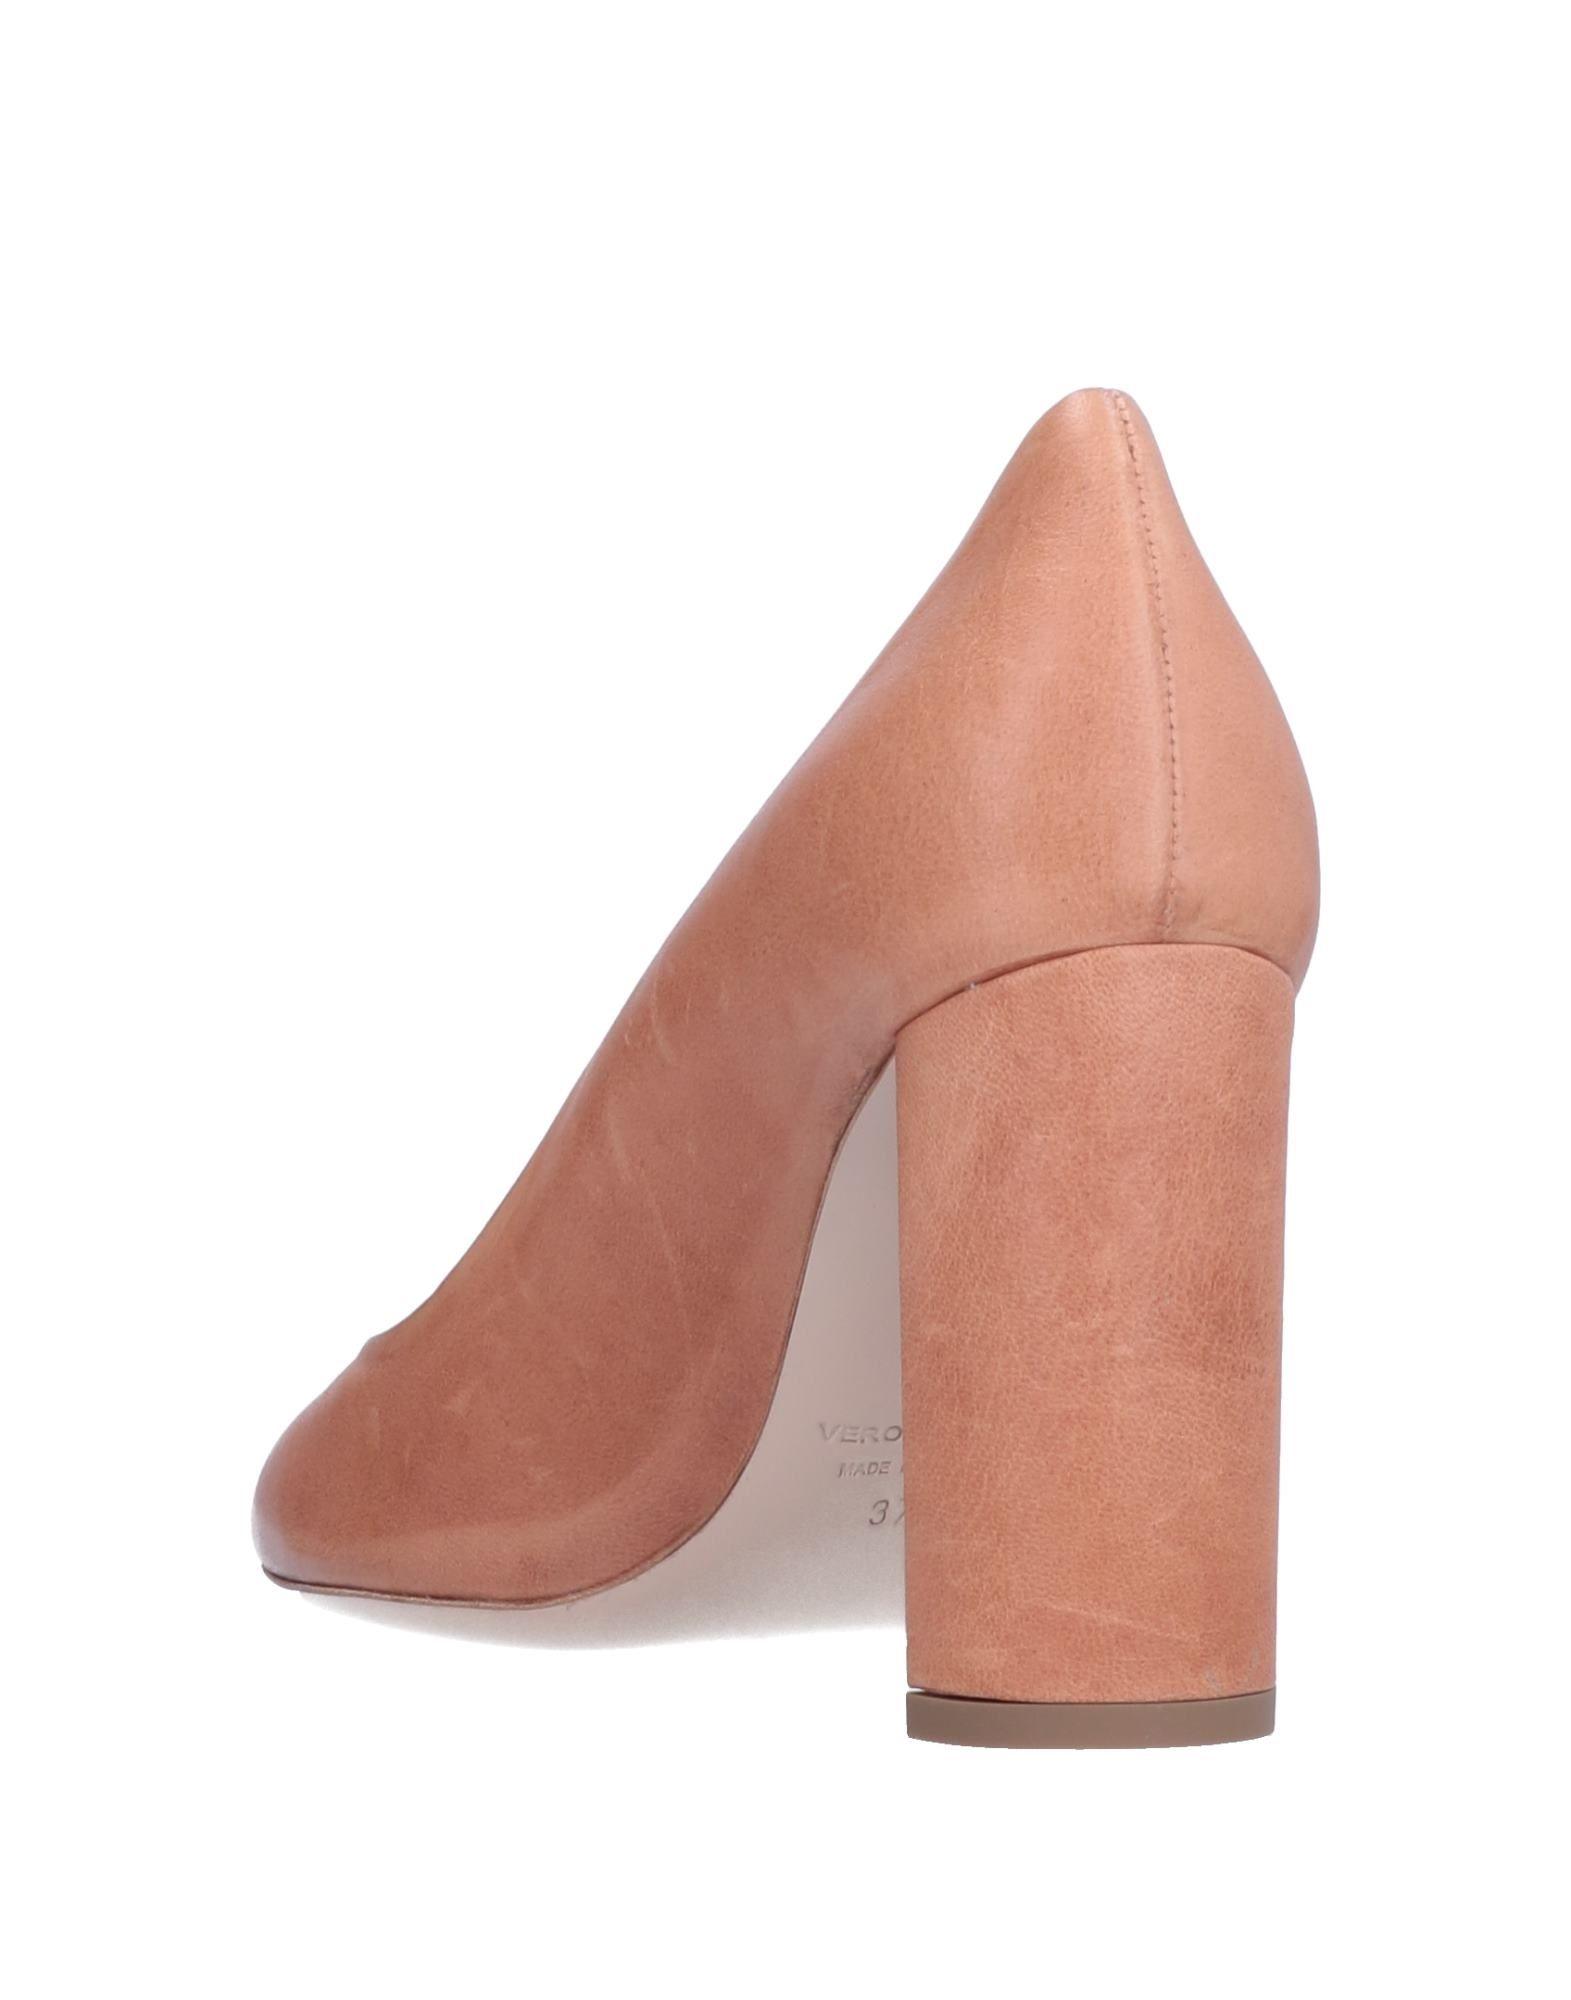 Deimille Pumps Damen    11551069EL Gute Qualität beliebte Schuhe 68f024